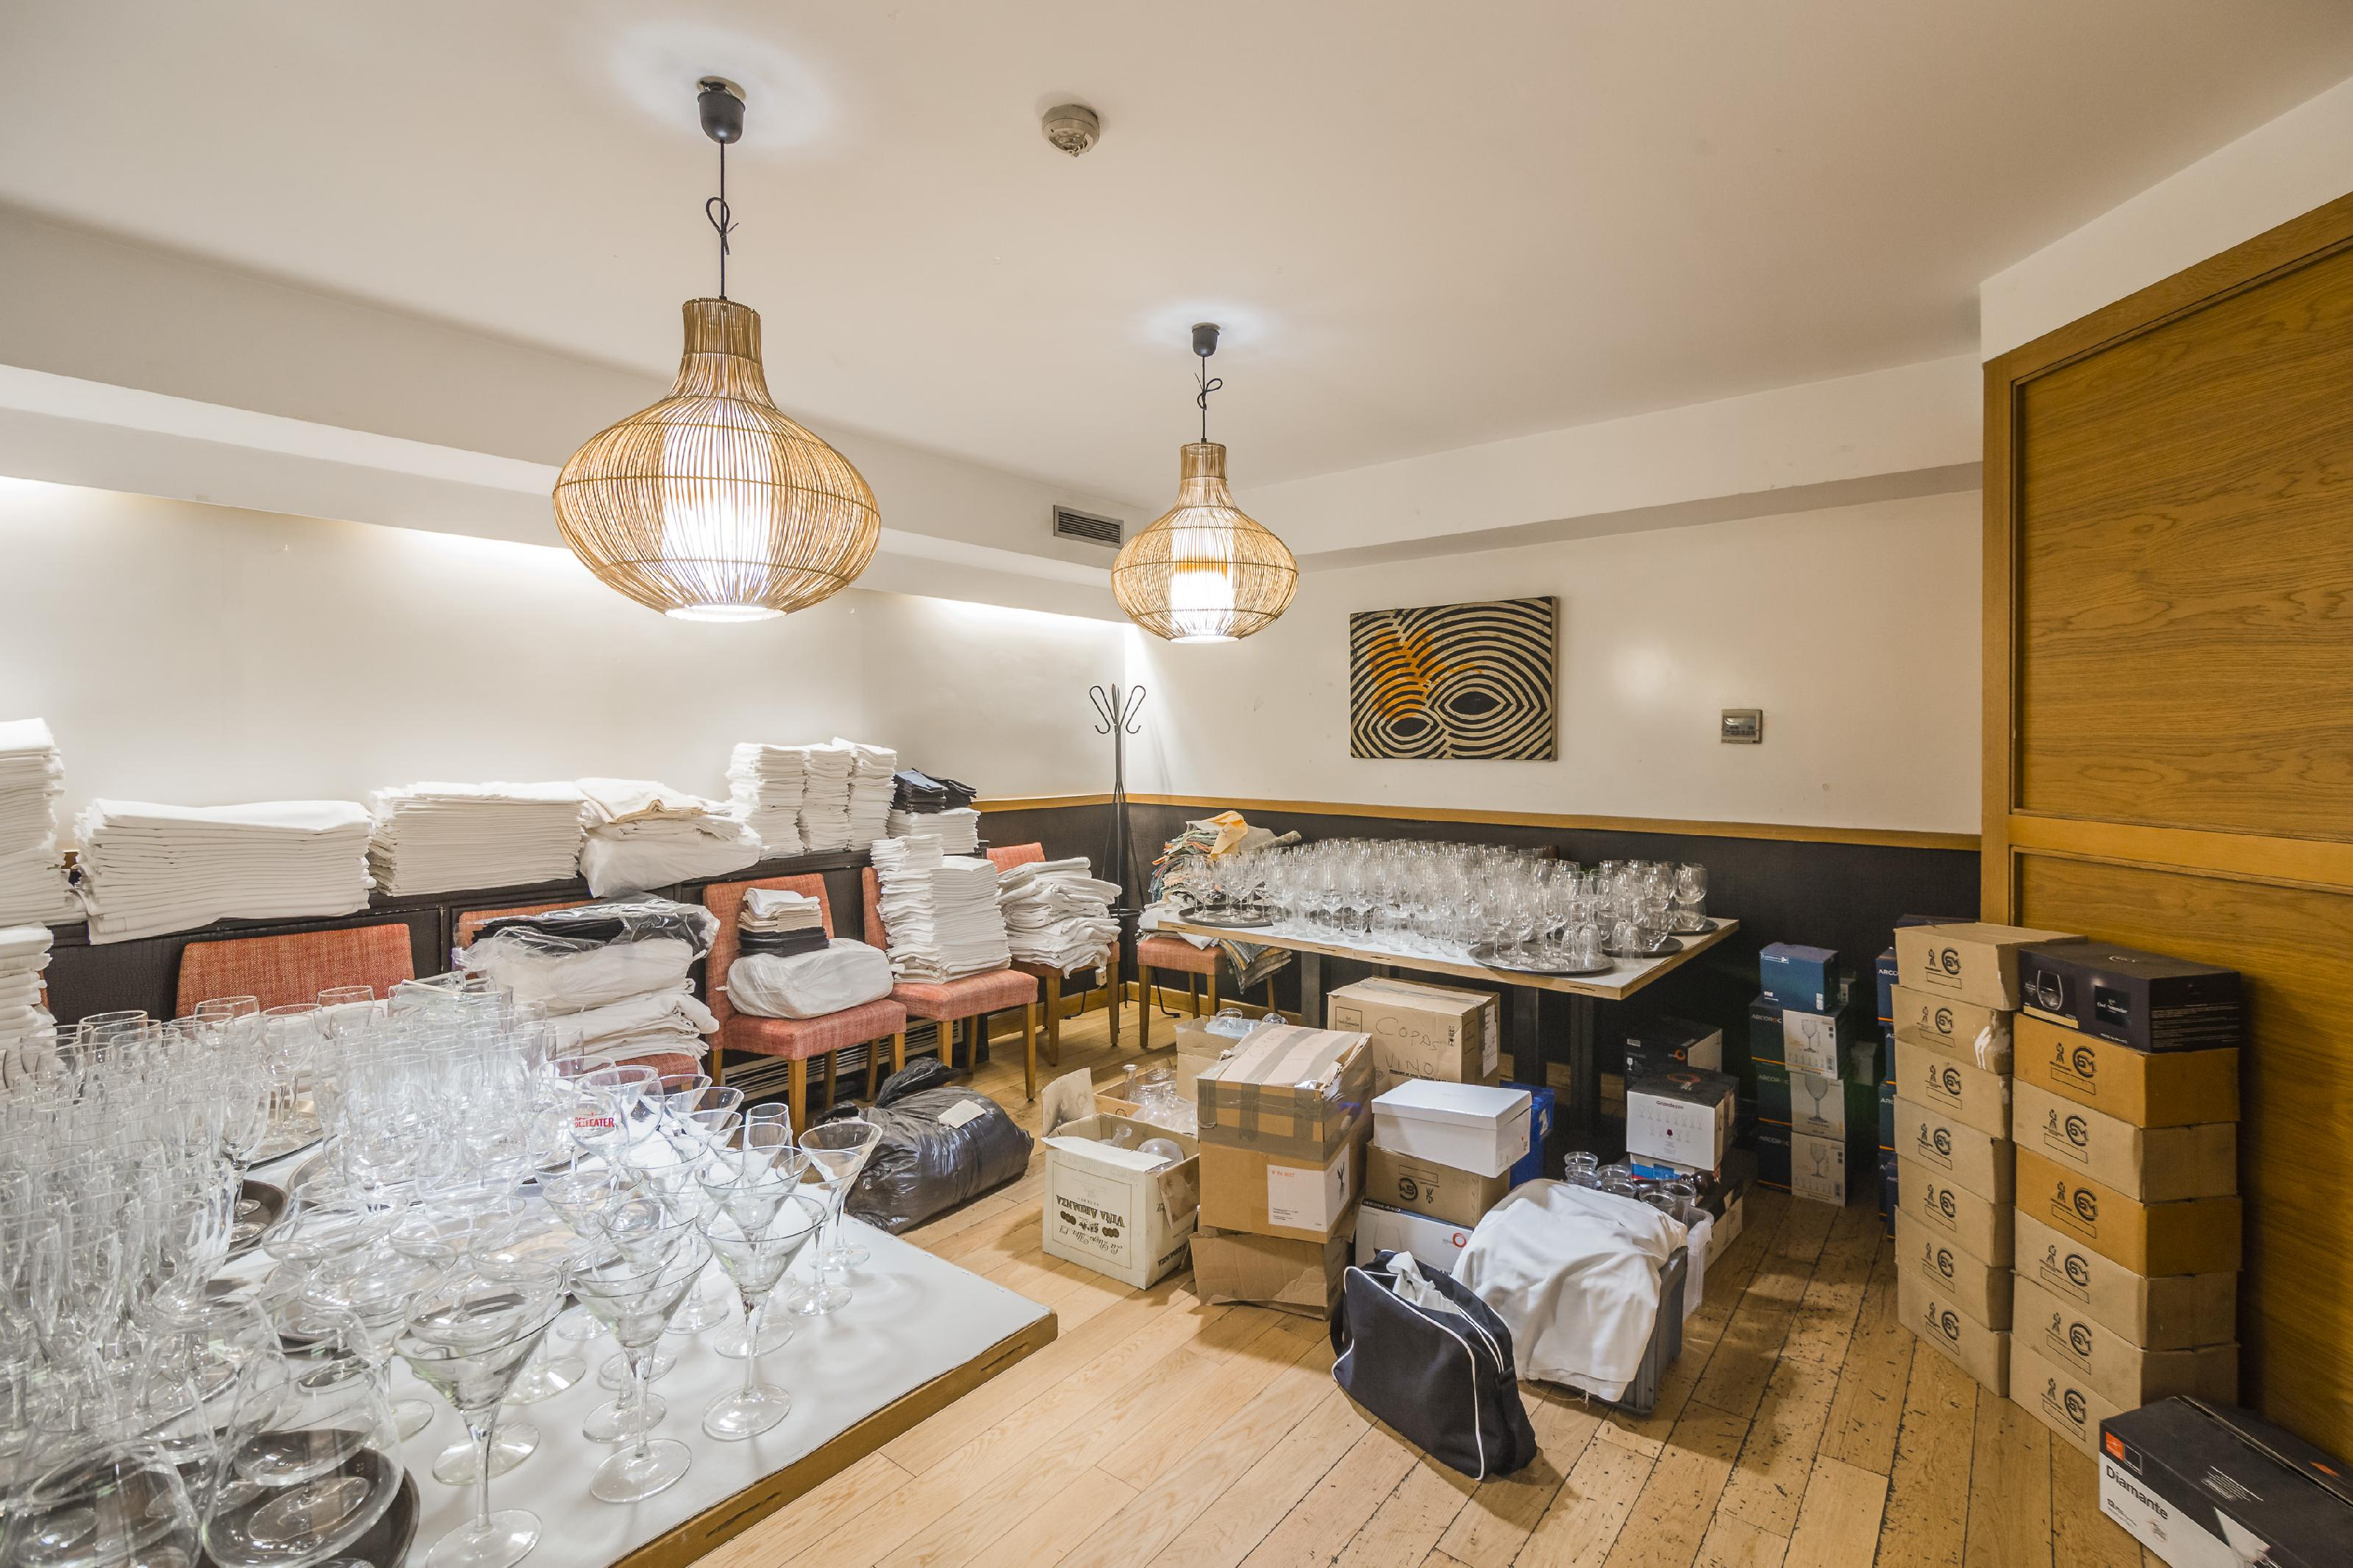 245745 Commercial premises for sale in Eixample, Antiga Esquerre Eixample 6